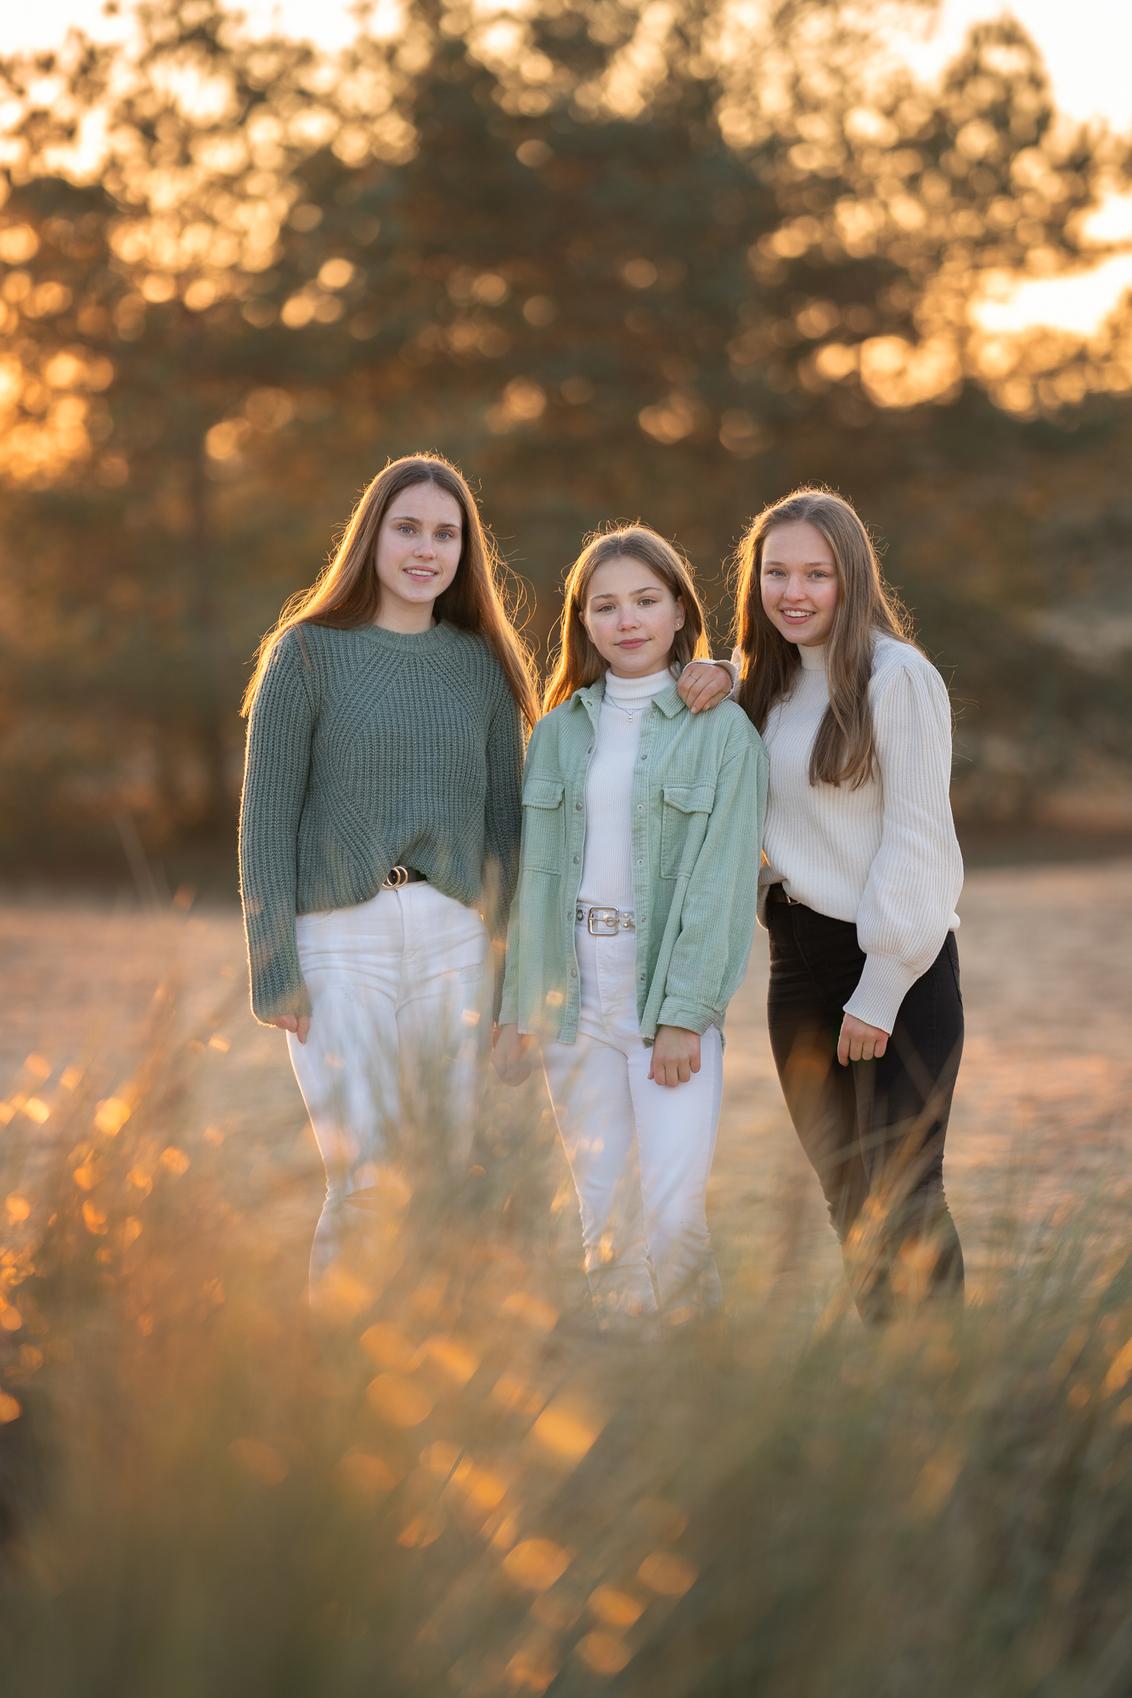 Gouden uurtje - - - foto door BrendaRoos op 09-12-2020 - deze foto bevat: groep, mensen, geel, zonsondergang, tegenlicht, daglicht, kinderen, goud, meisje, familie, groepsportret, fotoshoot, zusjes, zandvlakte, bokeh, goudenuur, bokehbollen